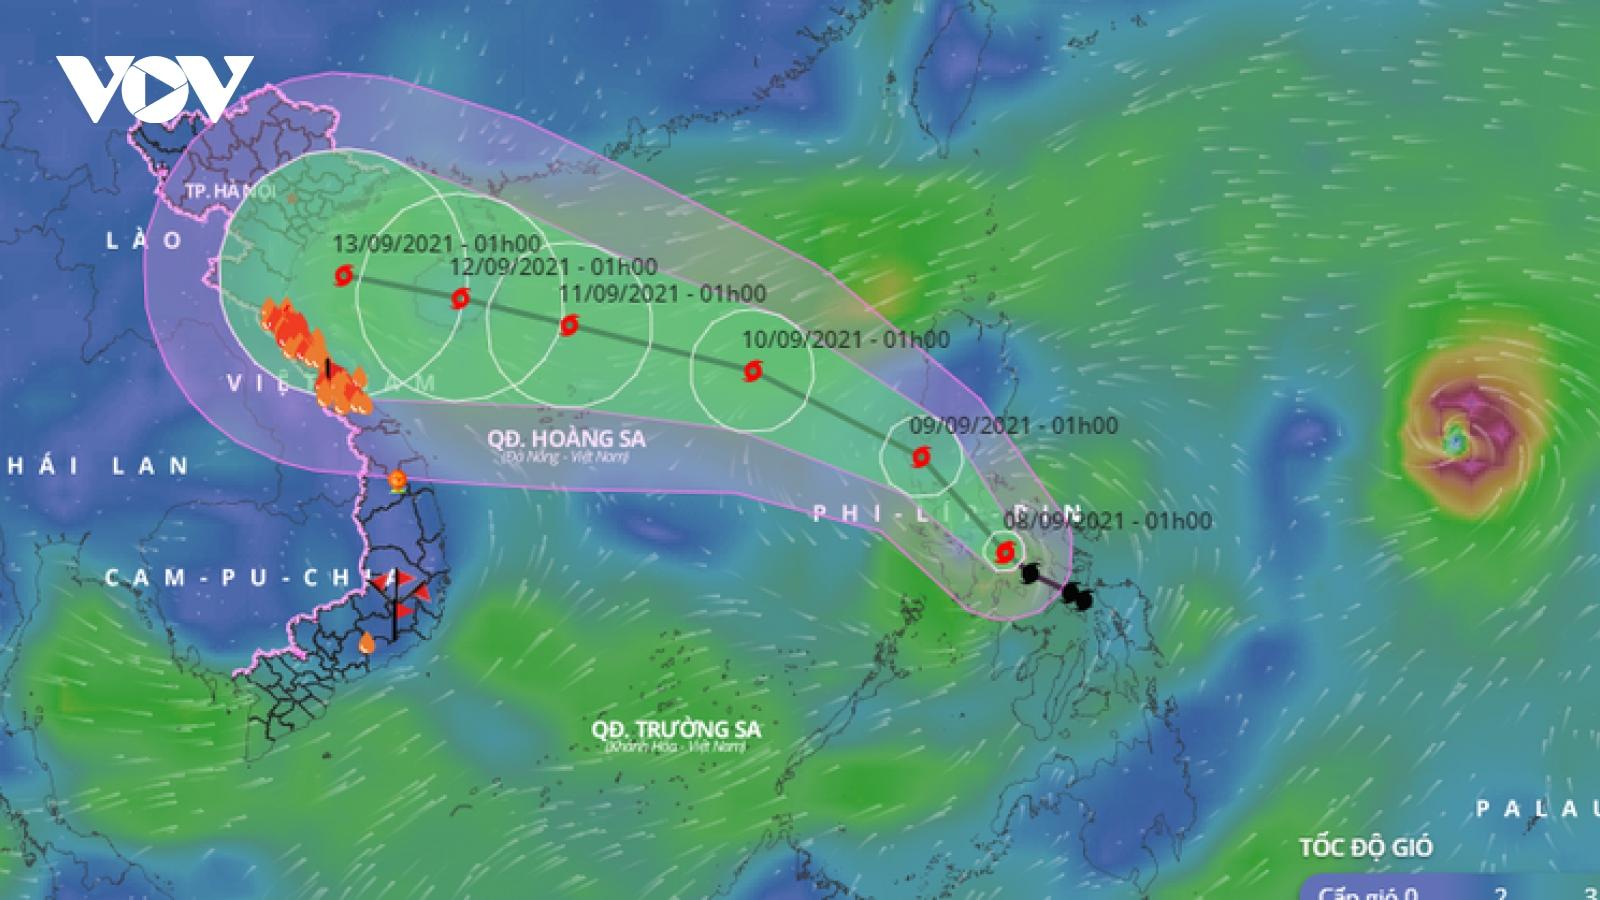 Bão Conson diễn biến khó lường do chịu tác động của cơn bão rất mạnh khác